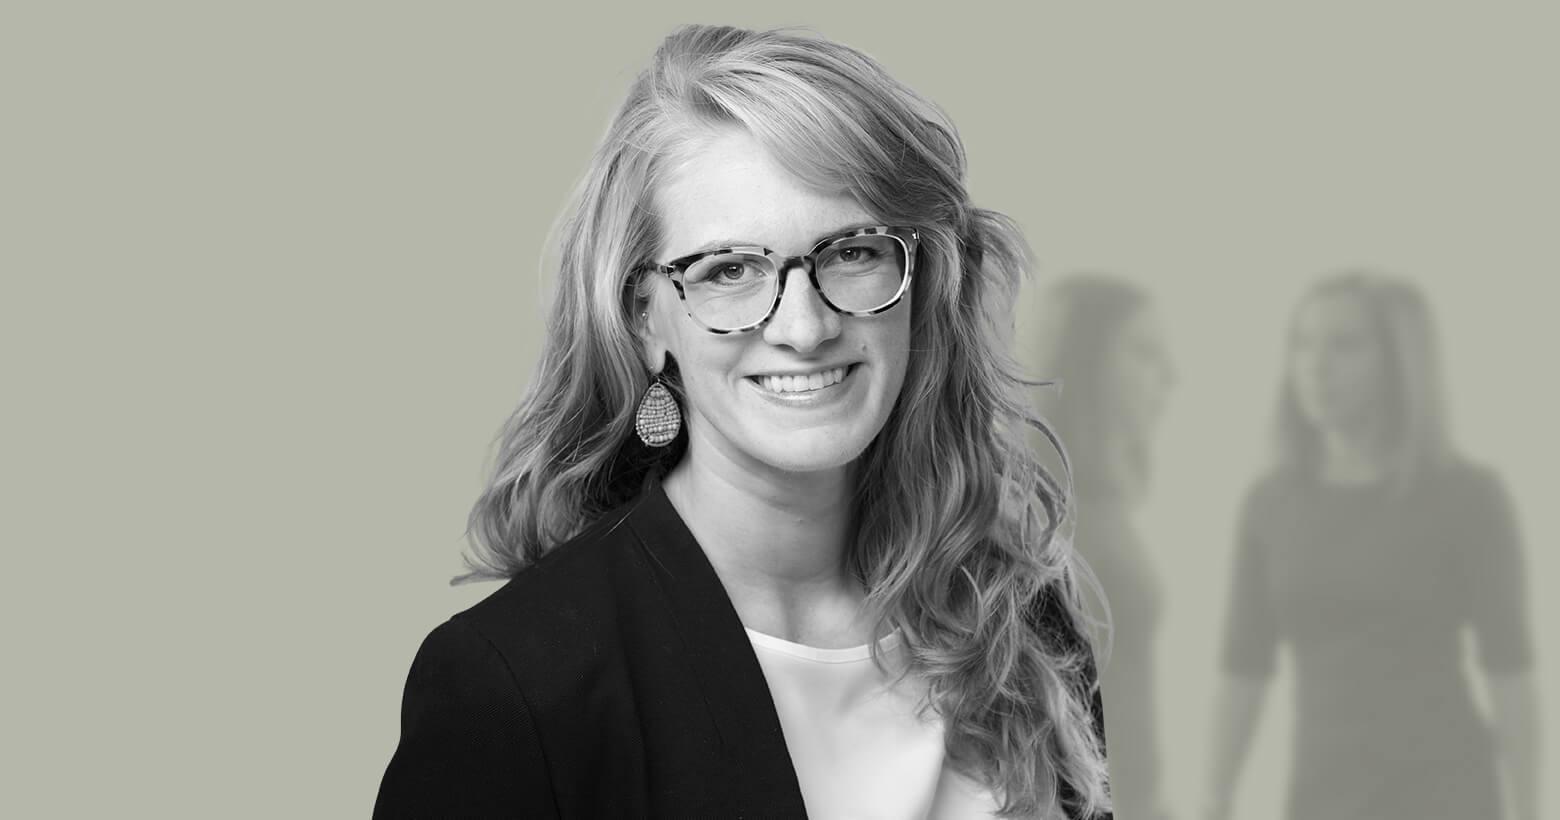 Alyssa G. Bernstein